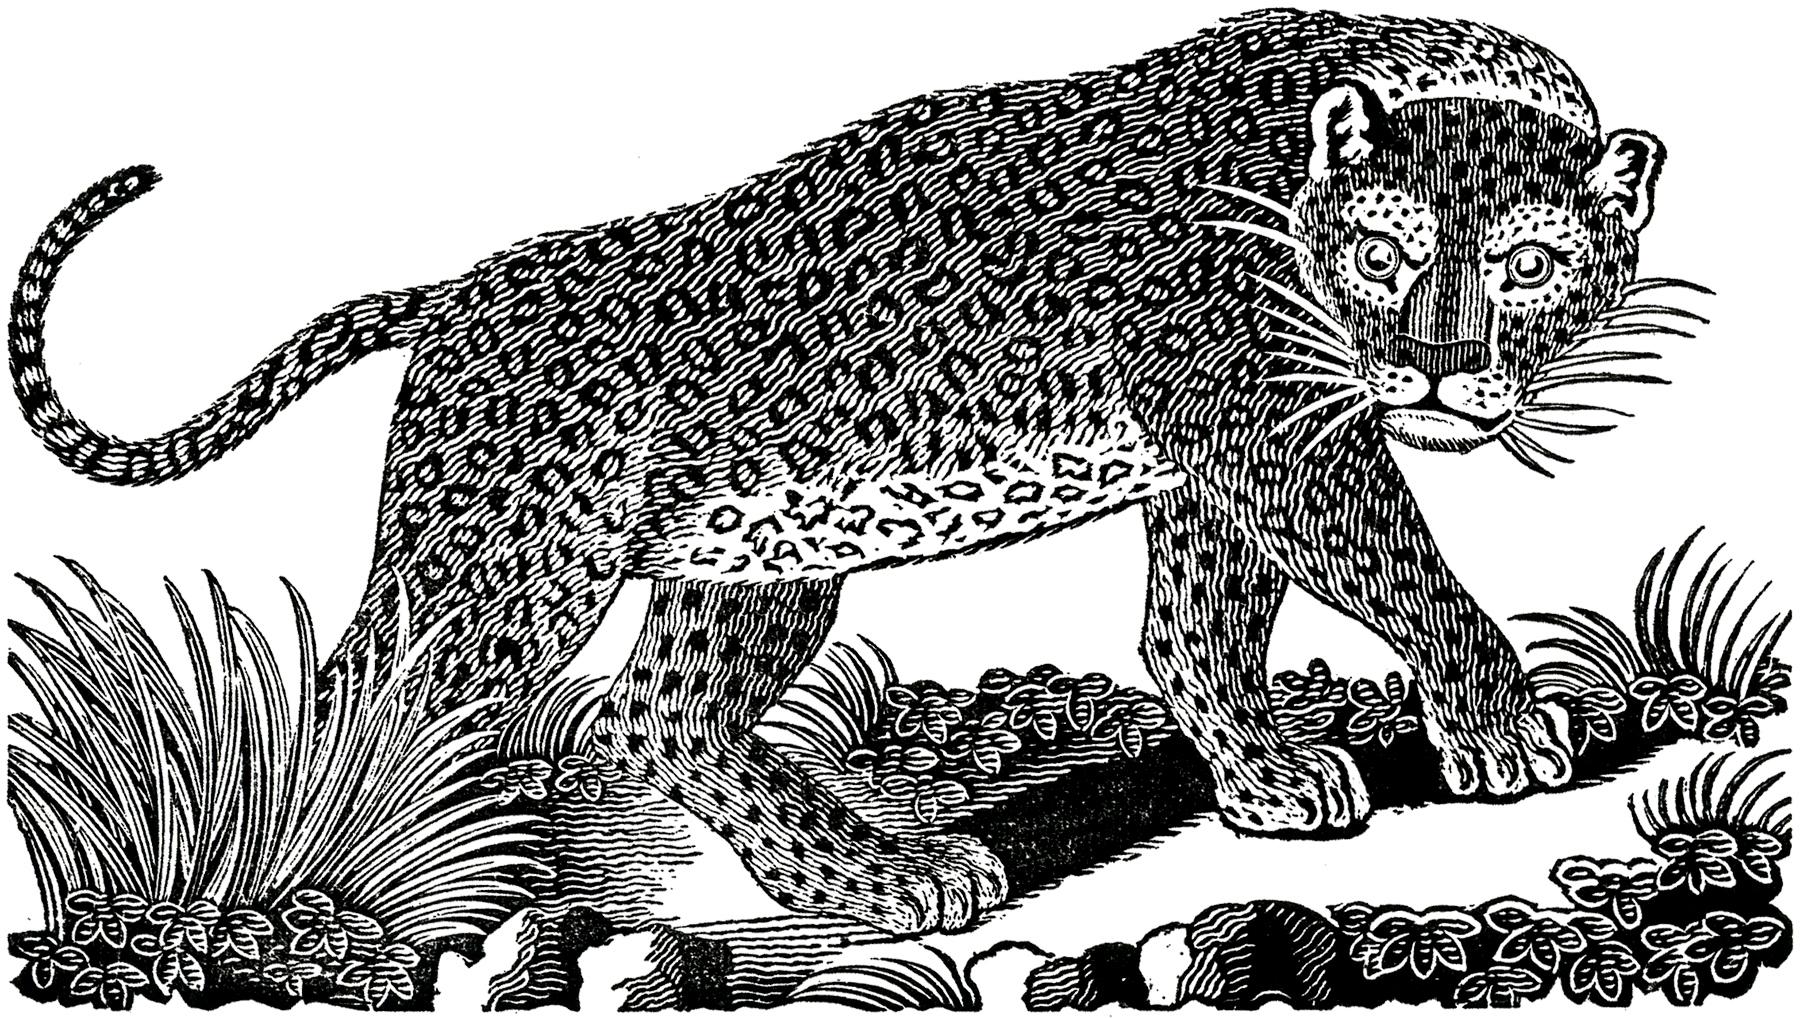 Public Domain Leopard Image!.